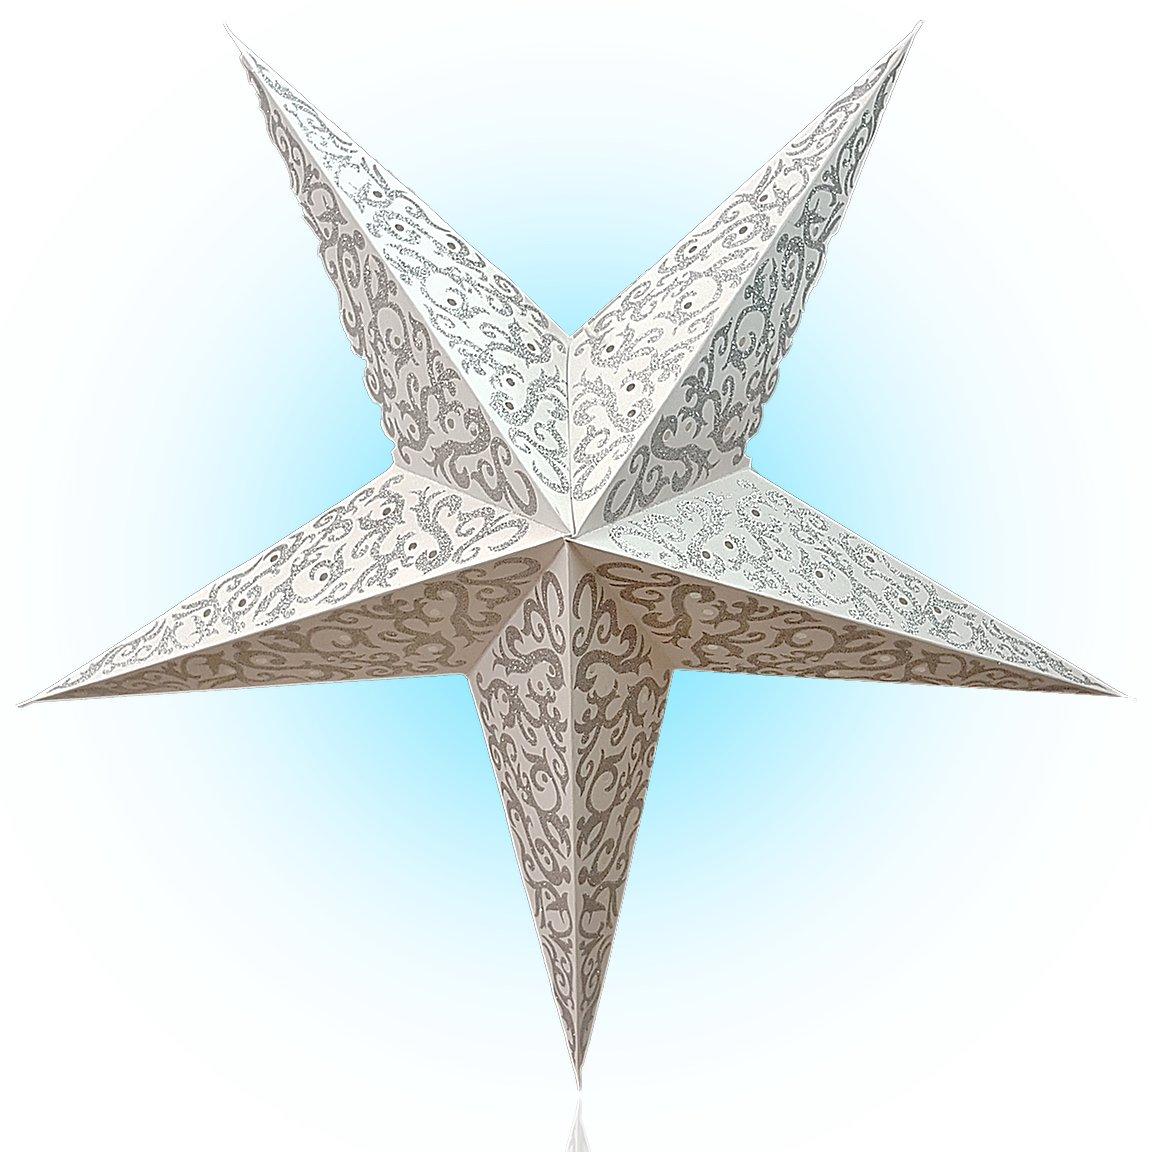 Happy Sales HSSL-FFRWHT, Game of Thorns Paper Star Lantern Silver